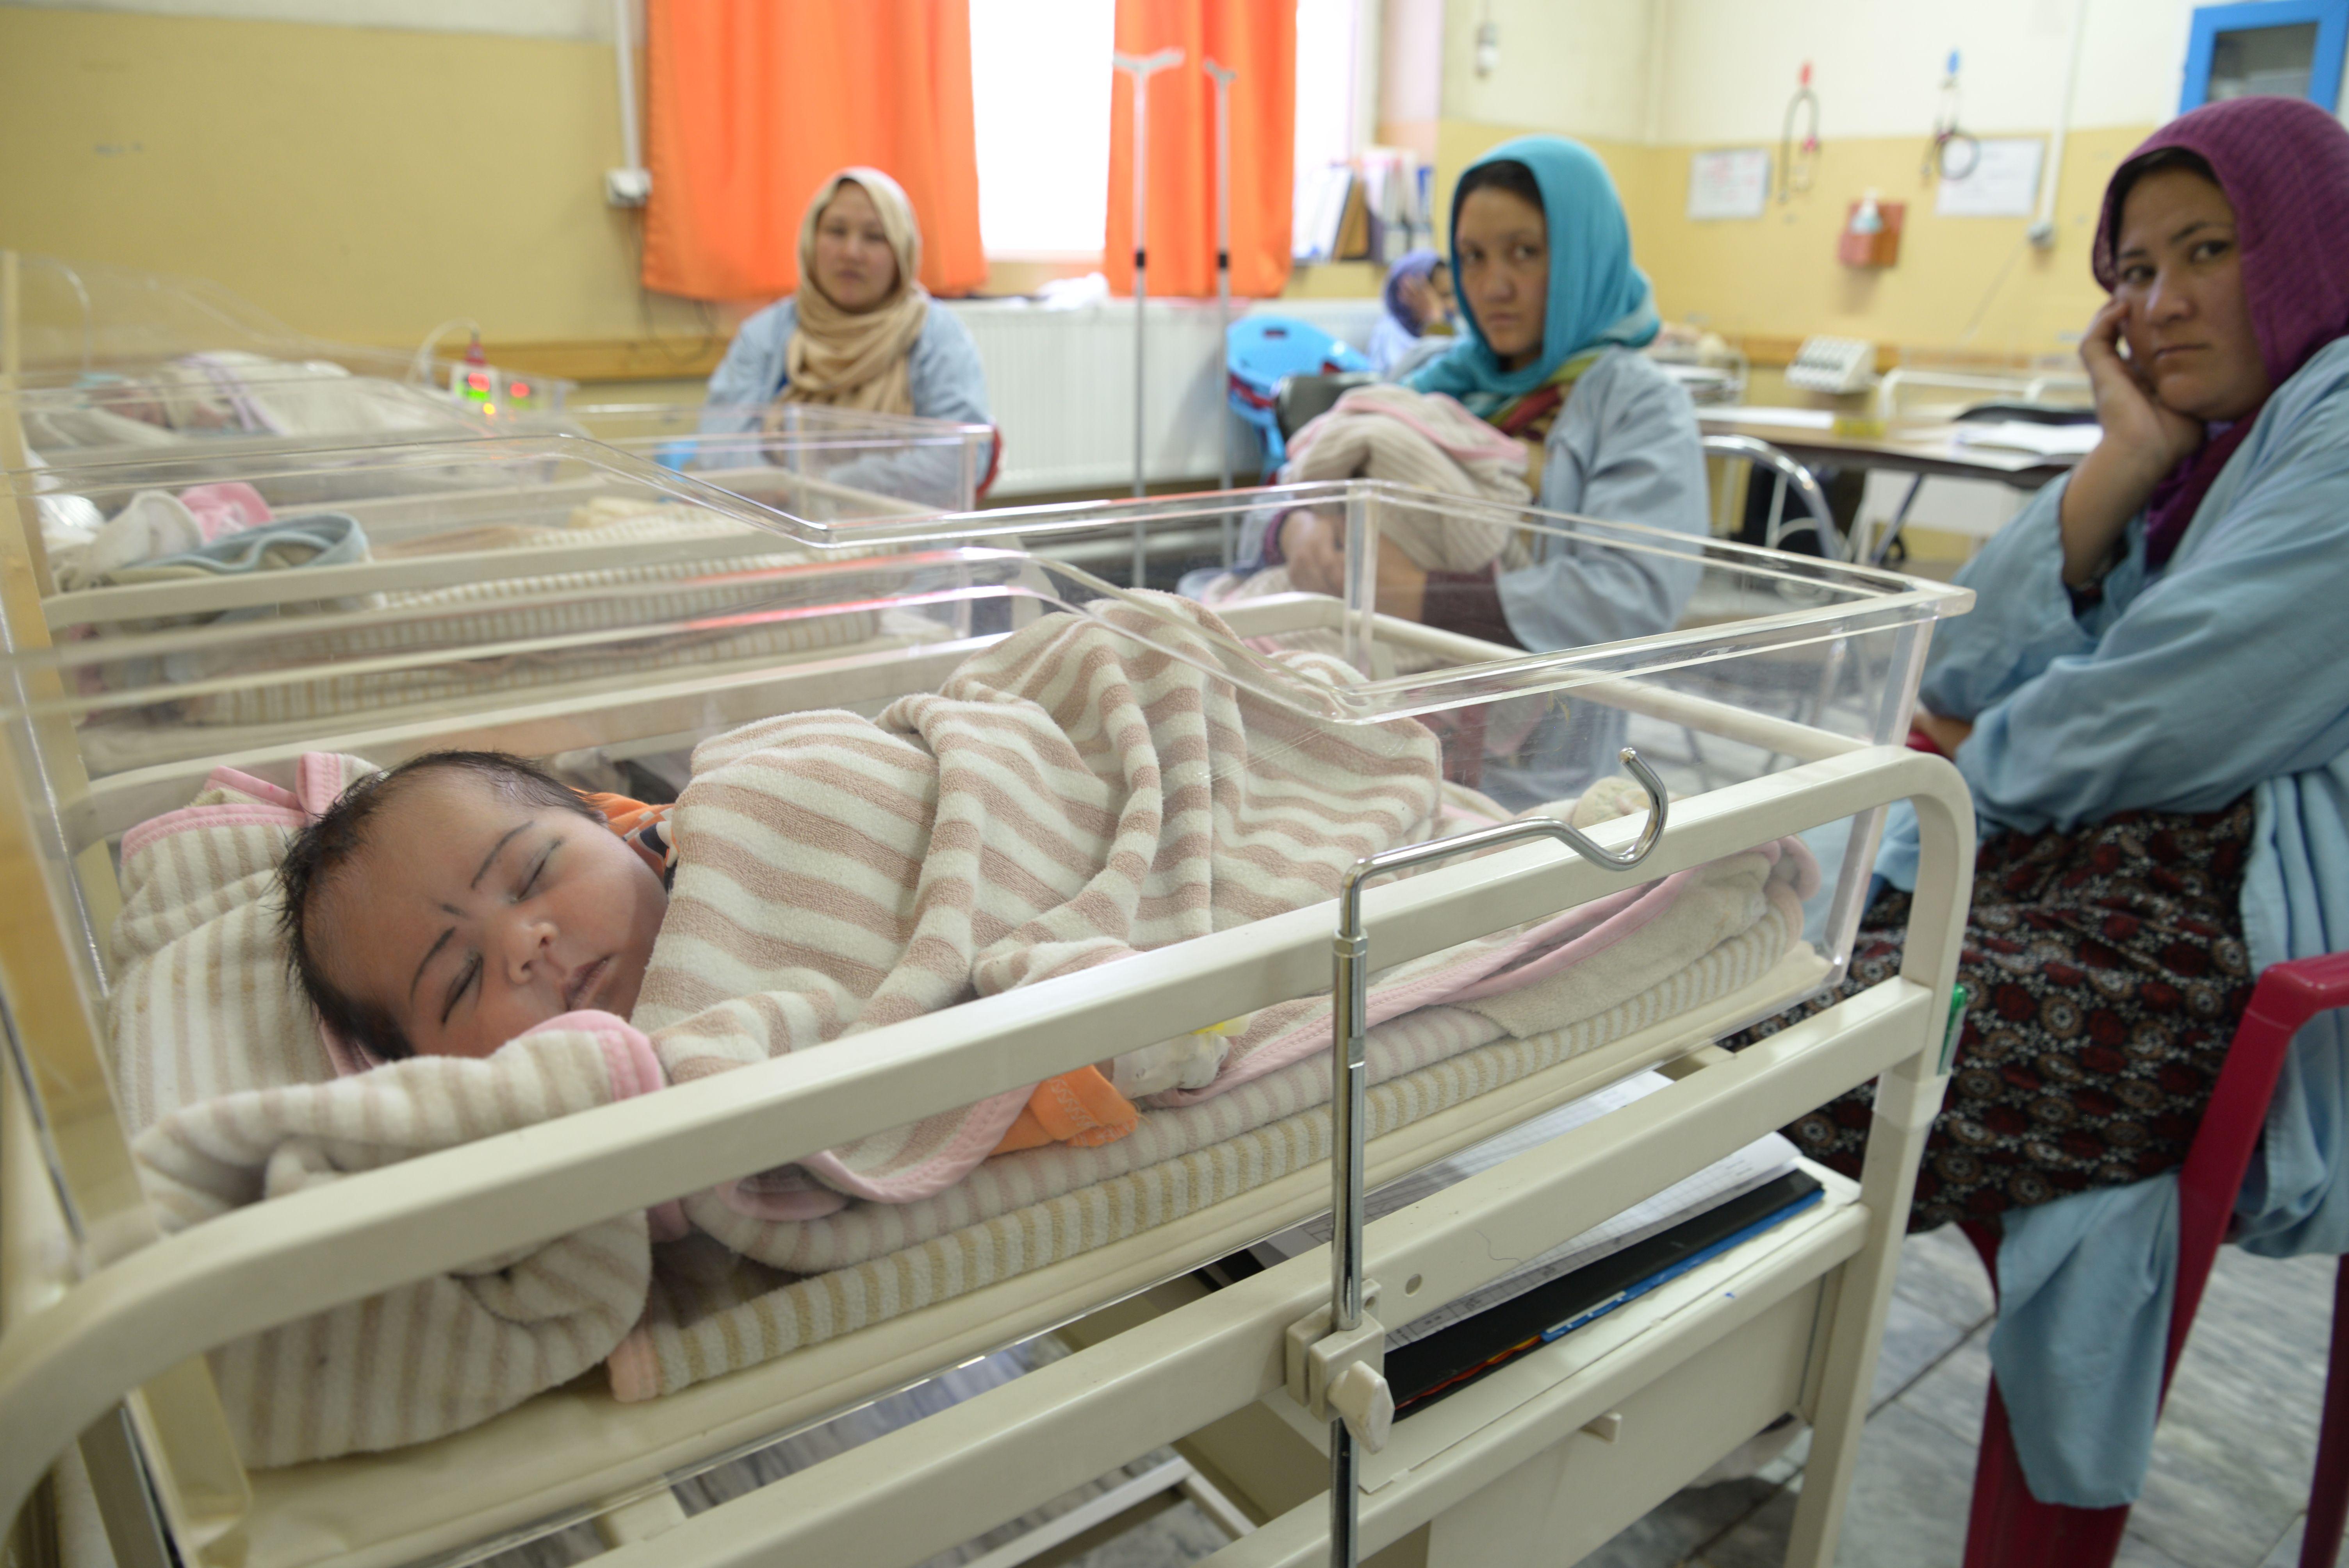 Neonatologie v Dasht-e-Barchi, Kábul. Foto Aurelie Baumel.